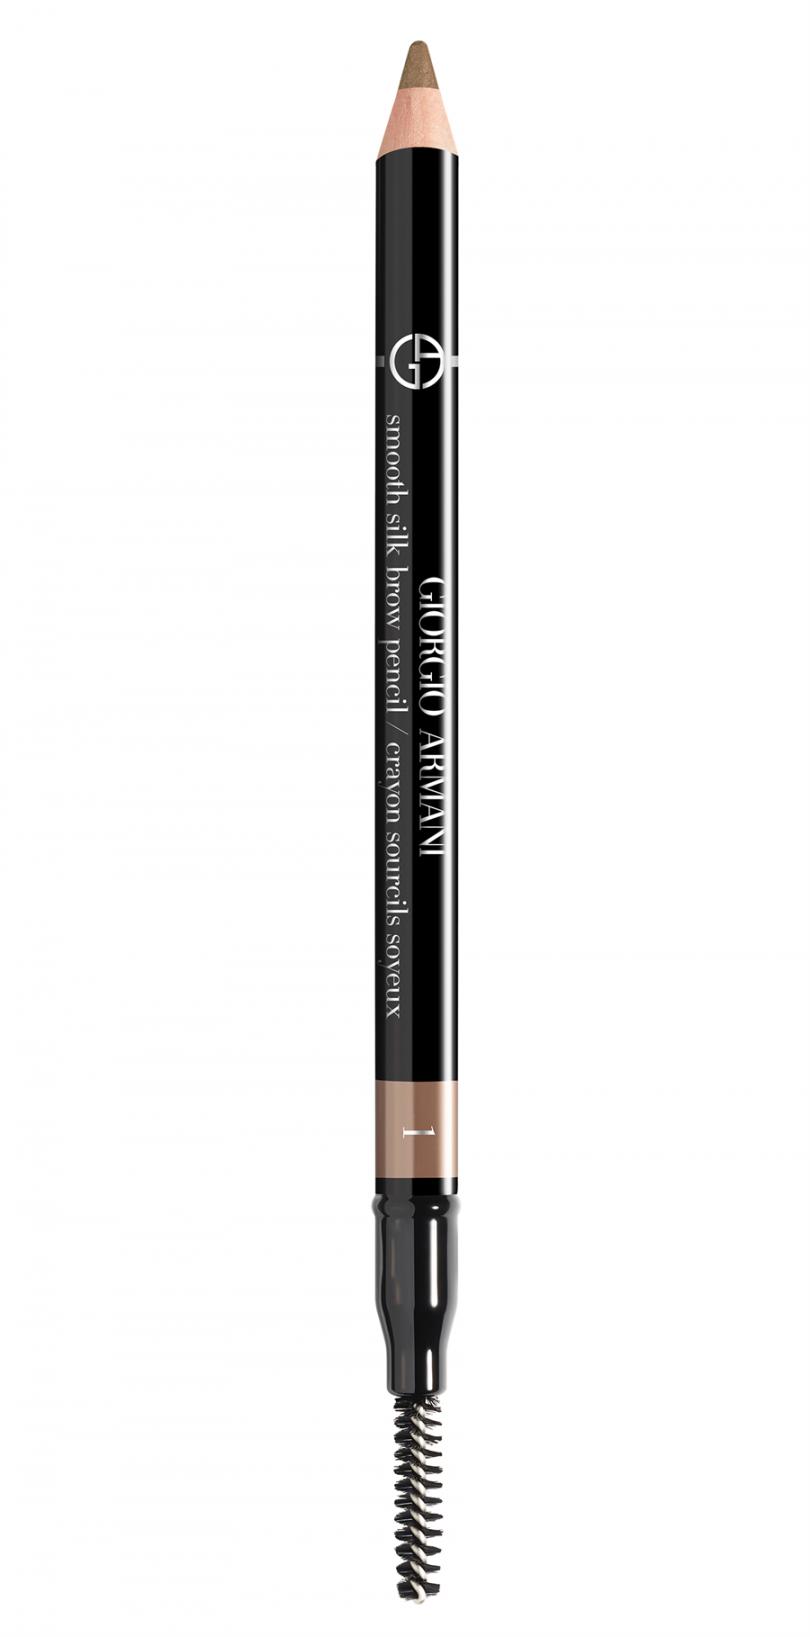 Giorgio Armani設計師訂製恆久霧眉筆 全2色 1.2g/950元